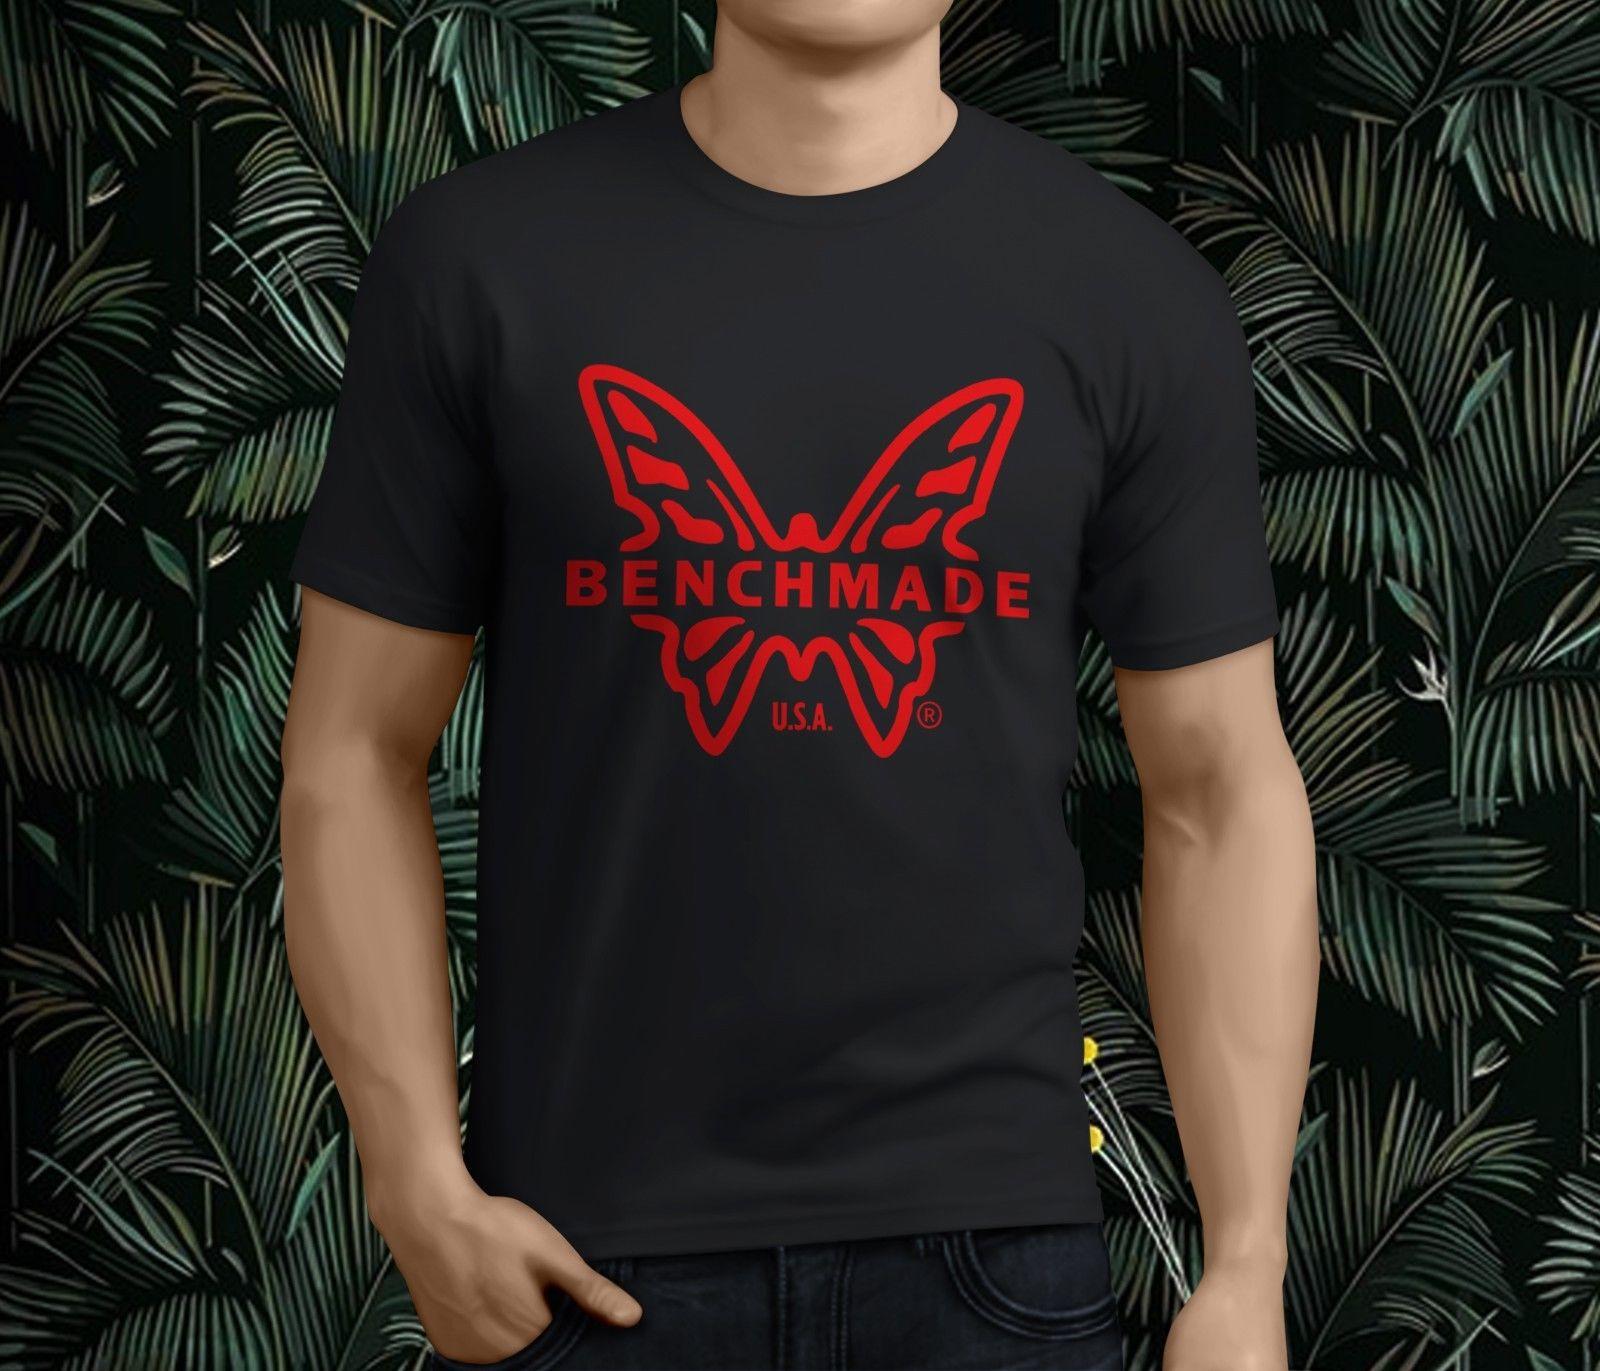 Nueva Popular camiseta negra para hombre con cuchillo plegable griptiliano, camiseta S-3XL para hombre, camisetas 100% de algodón con estampado